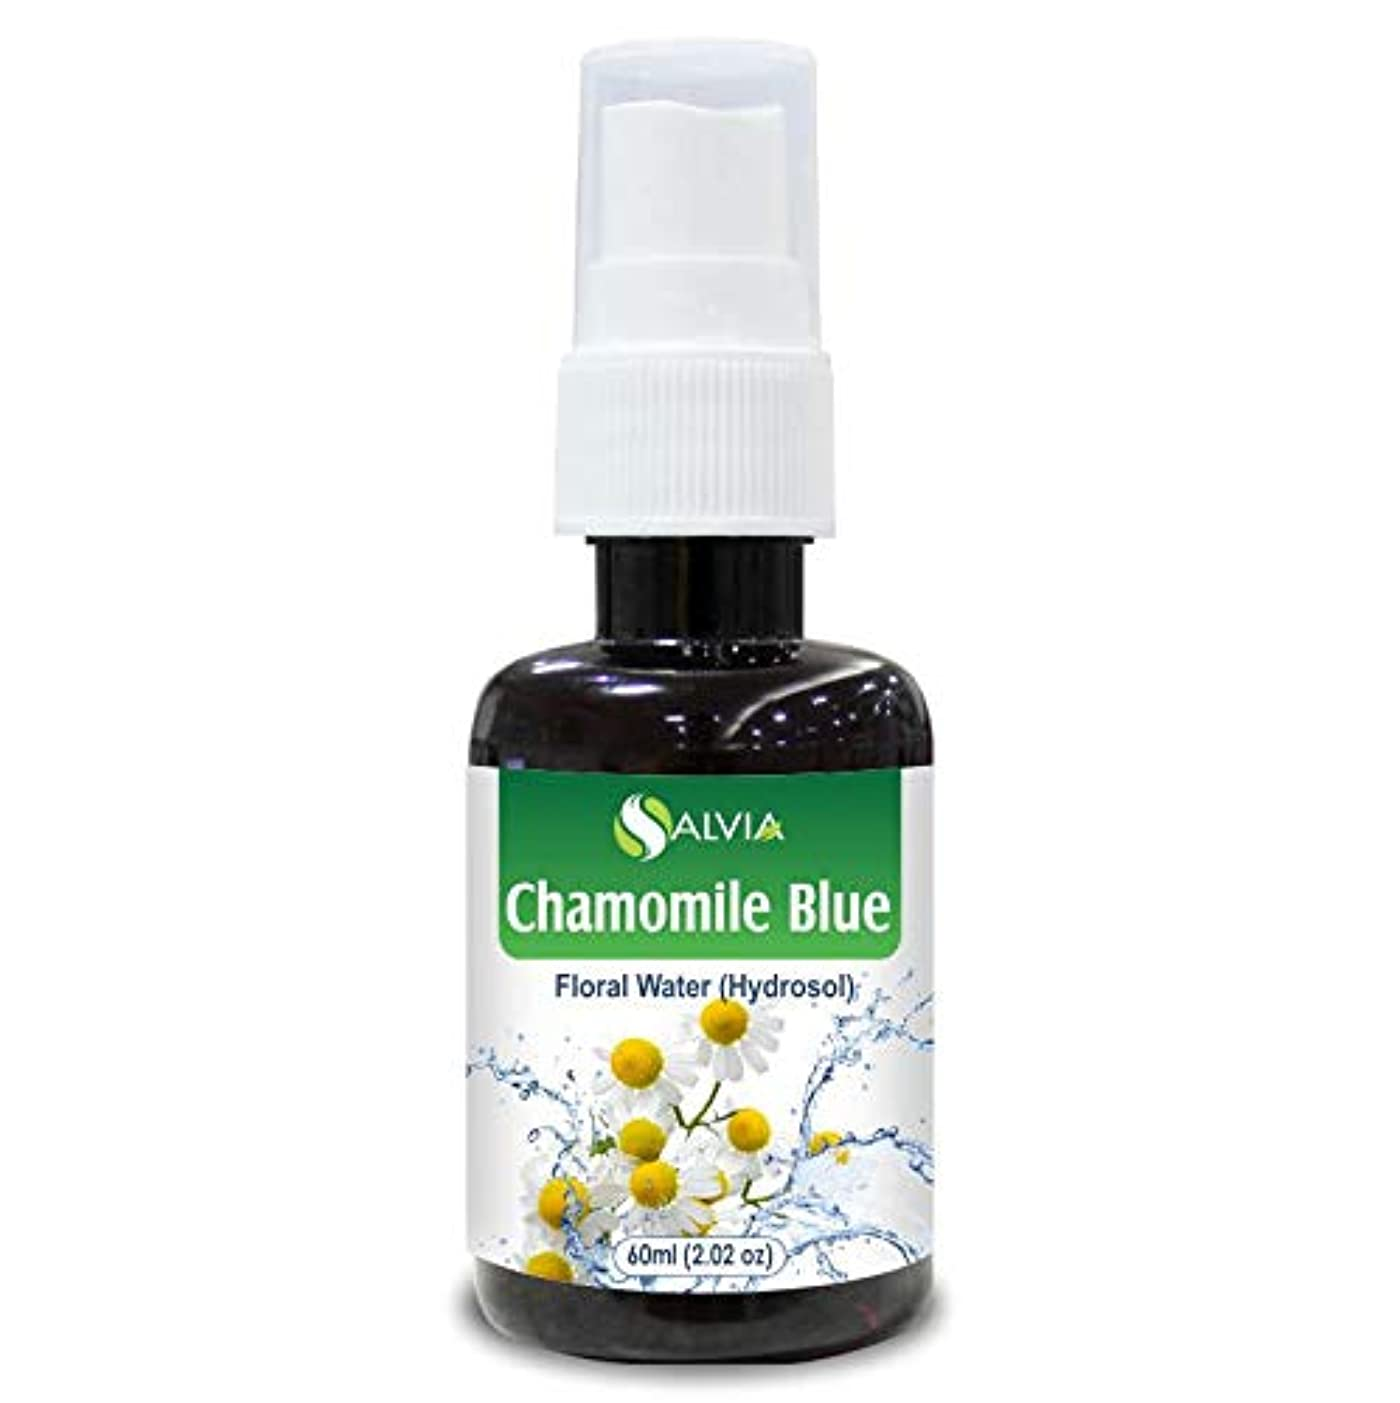 含めるつかむパンチChamomile Oil, Blue Floral Water 60ml (Hydrosol) 100% Pure And Natural